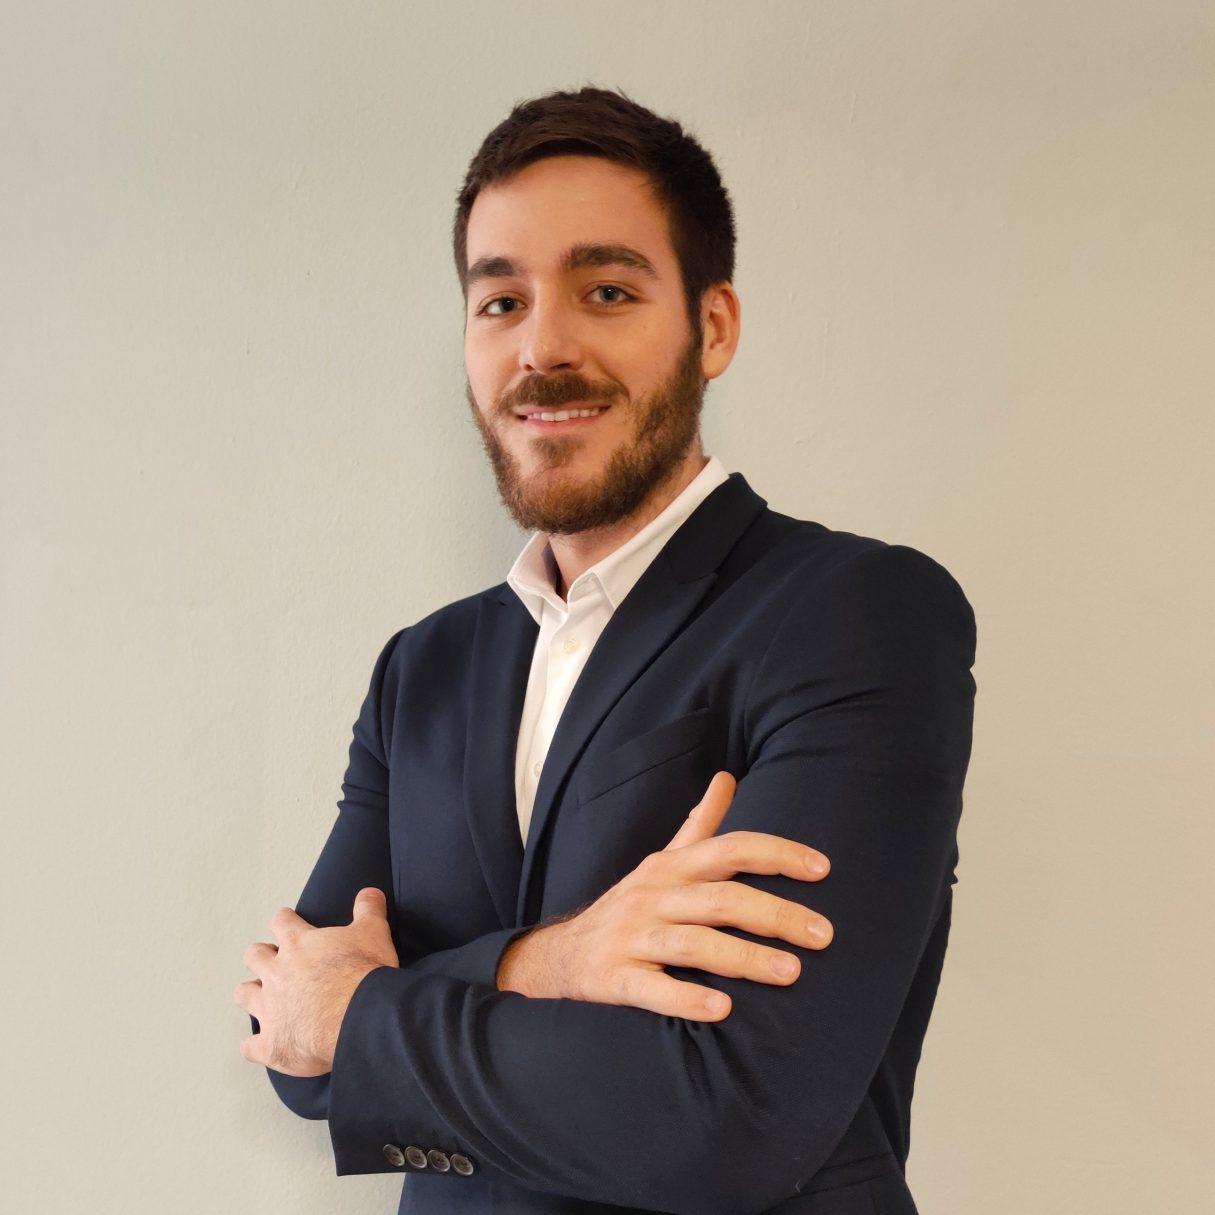 ENRIC GIMENO BALASCH